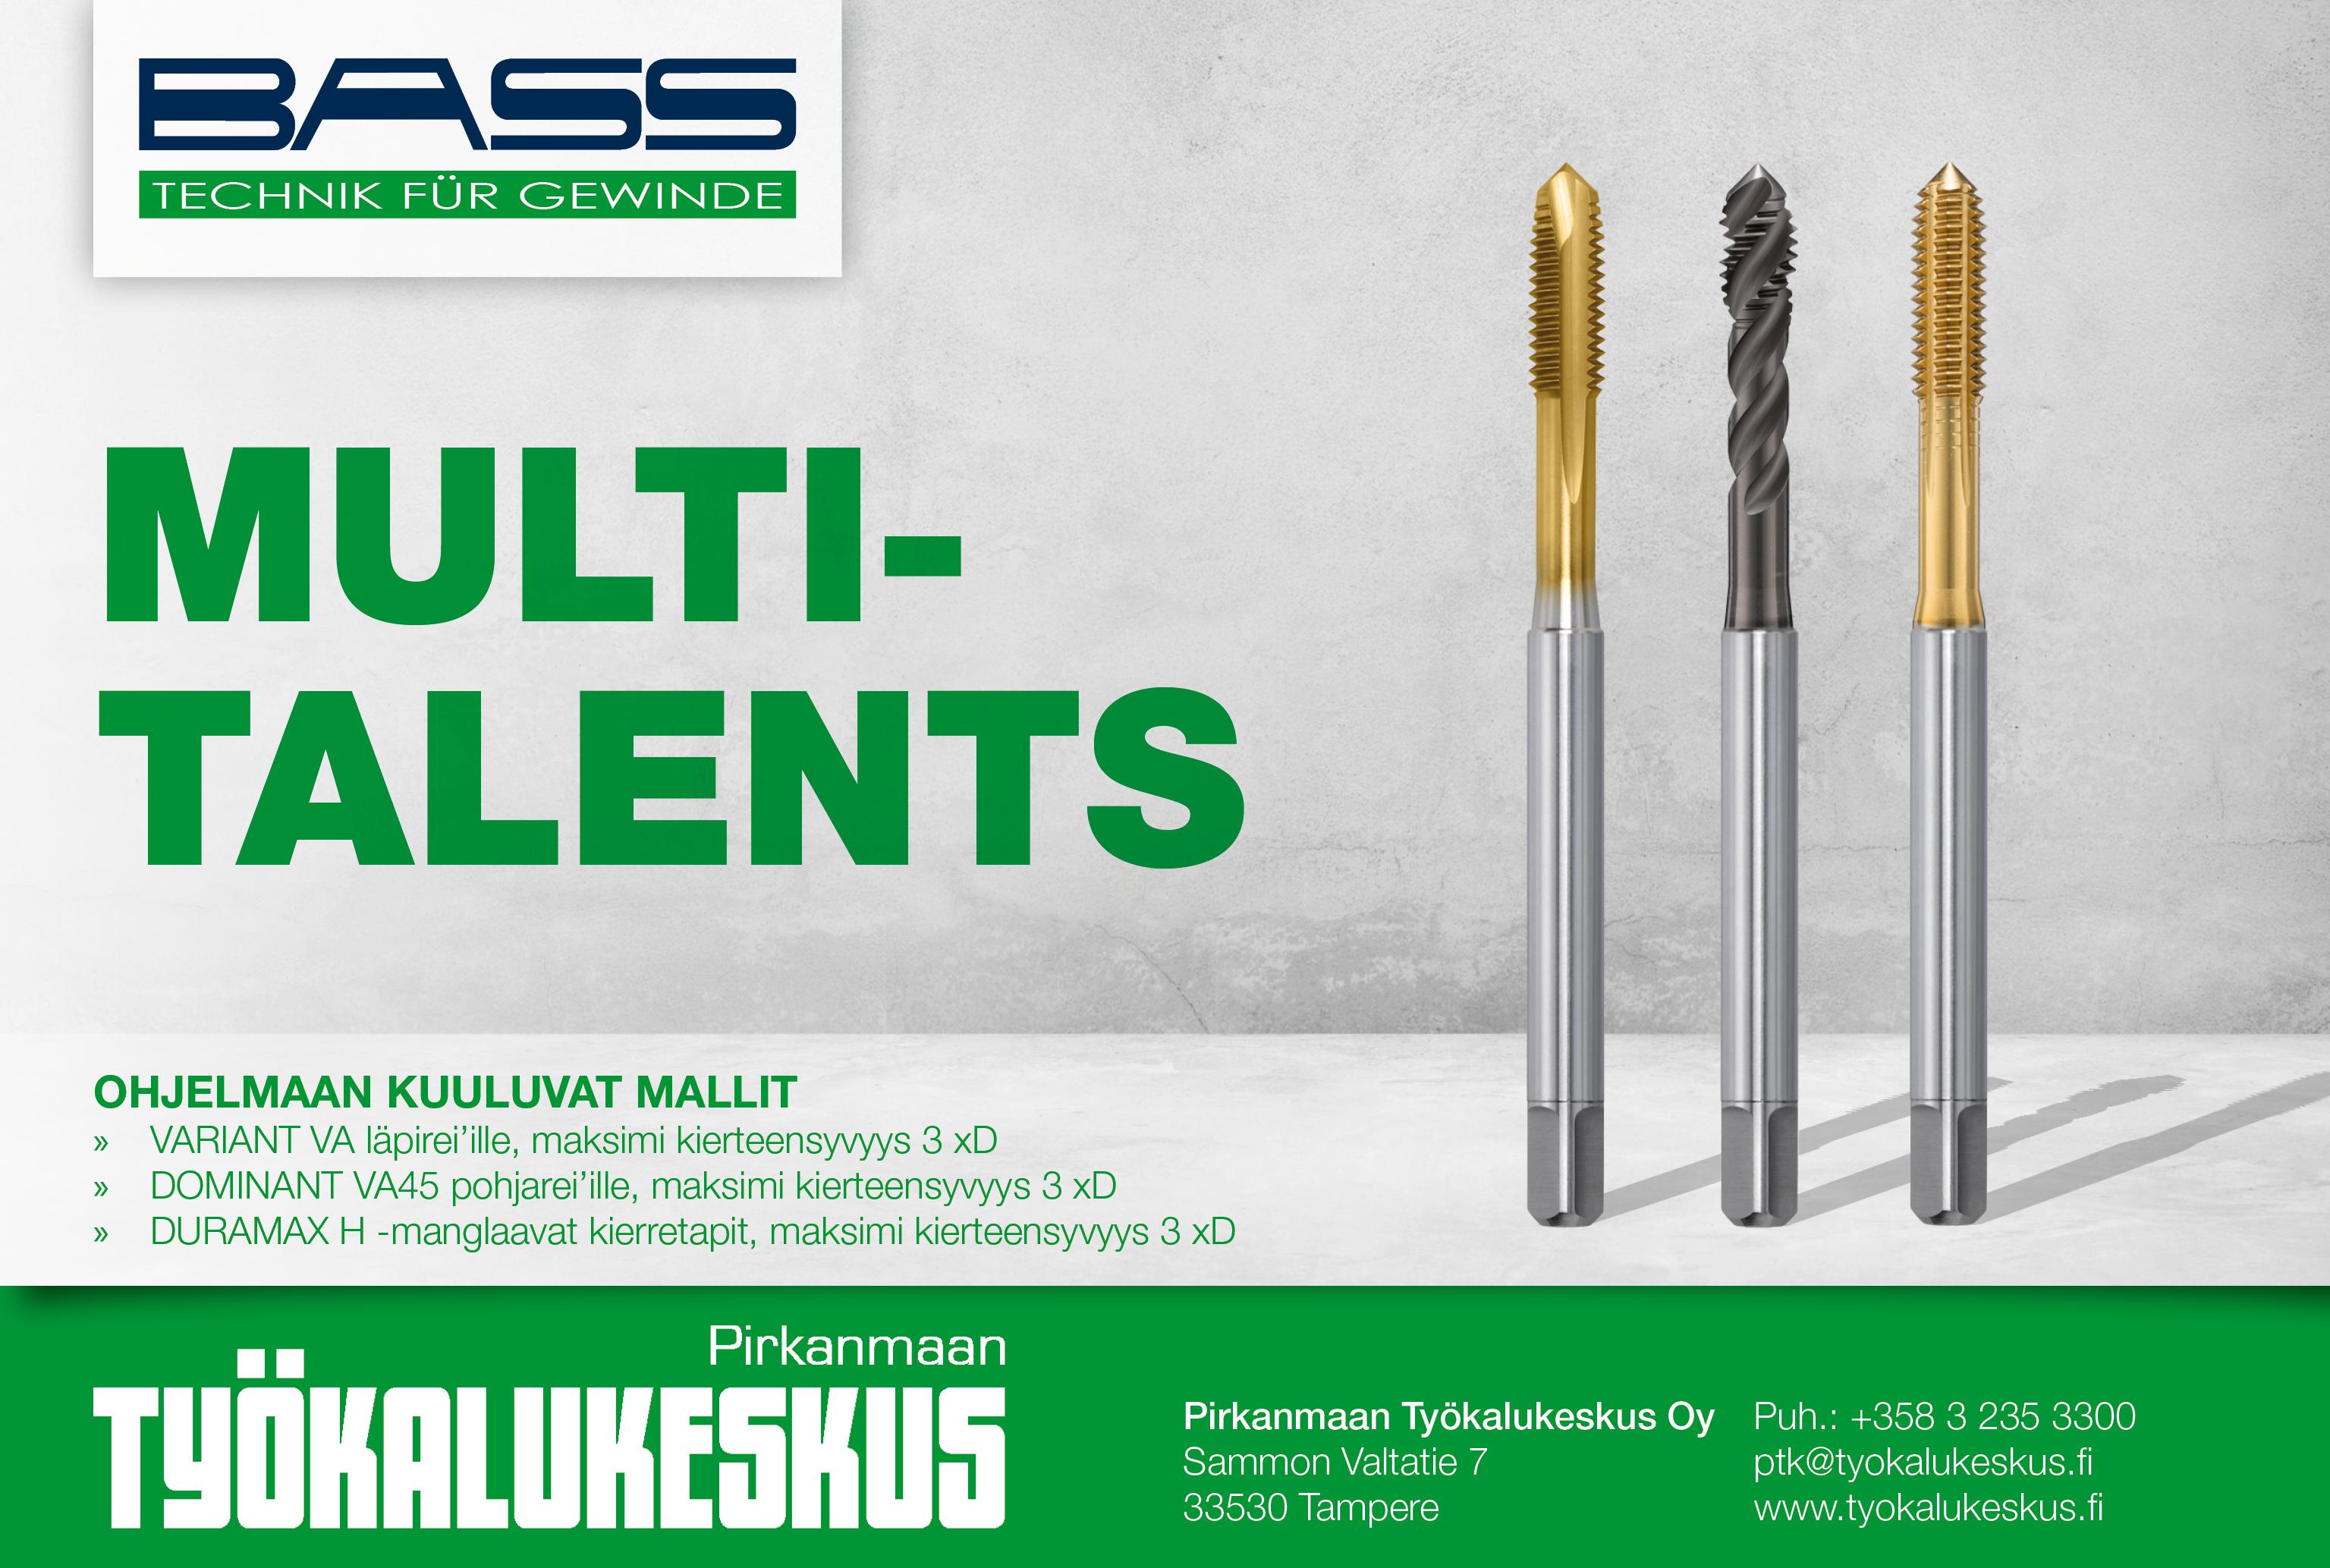 BASSilta uudet 3 xD Multitalents-kierretapit